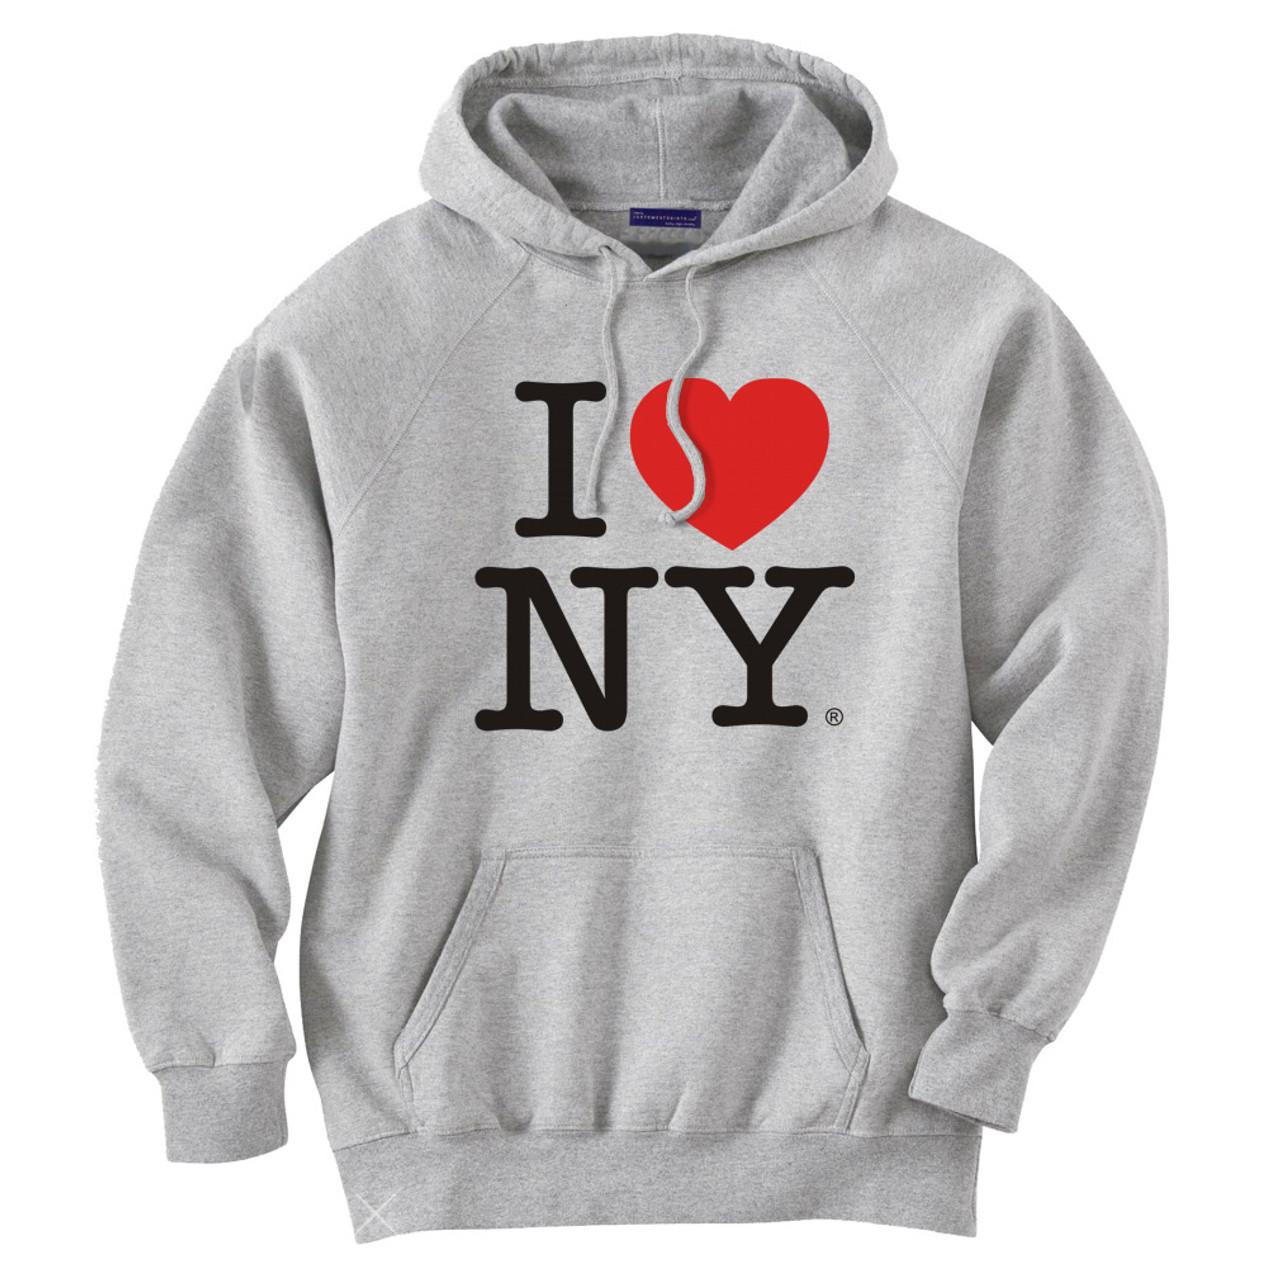 New York Subway Map Jumpers.I Love Ny Gray Hooded Sweatshirt